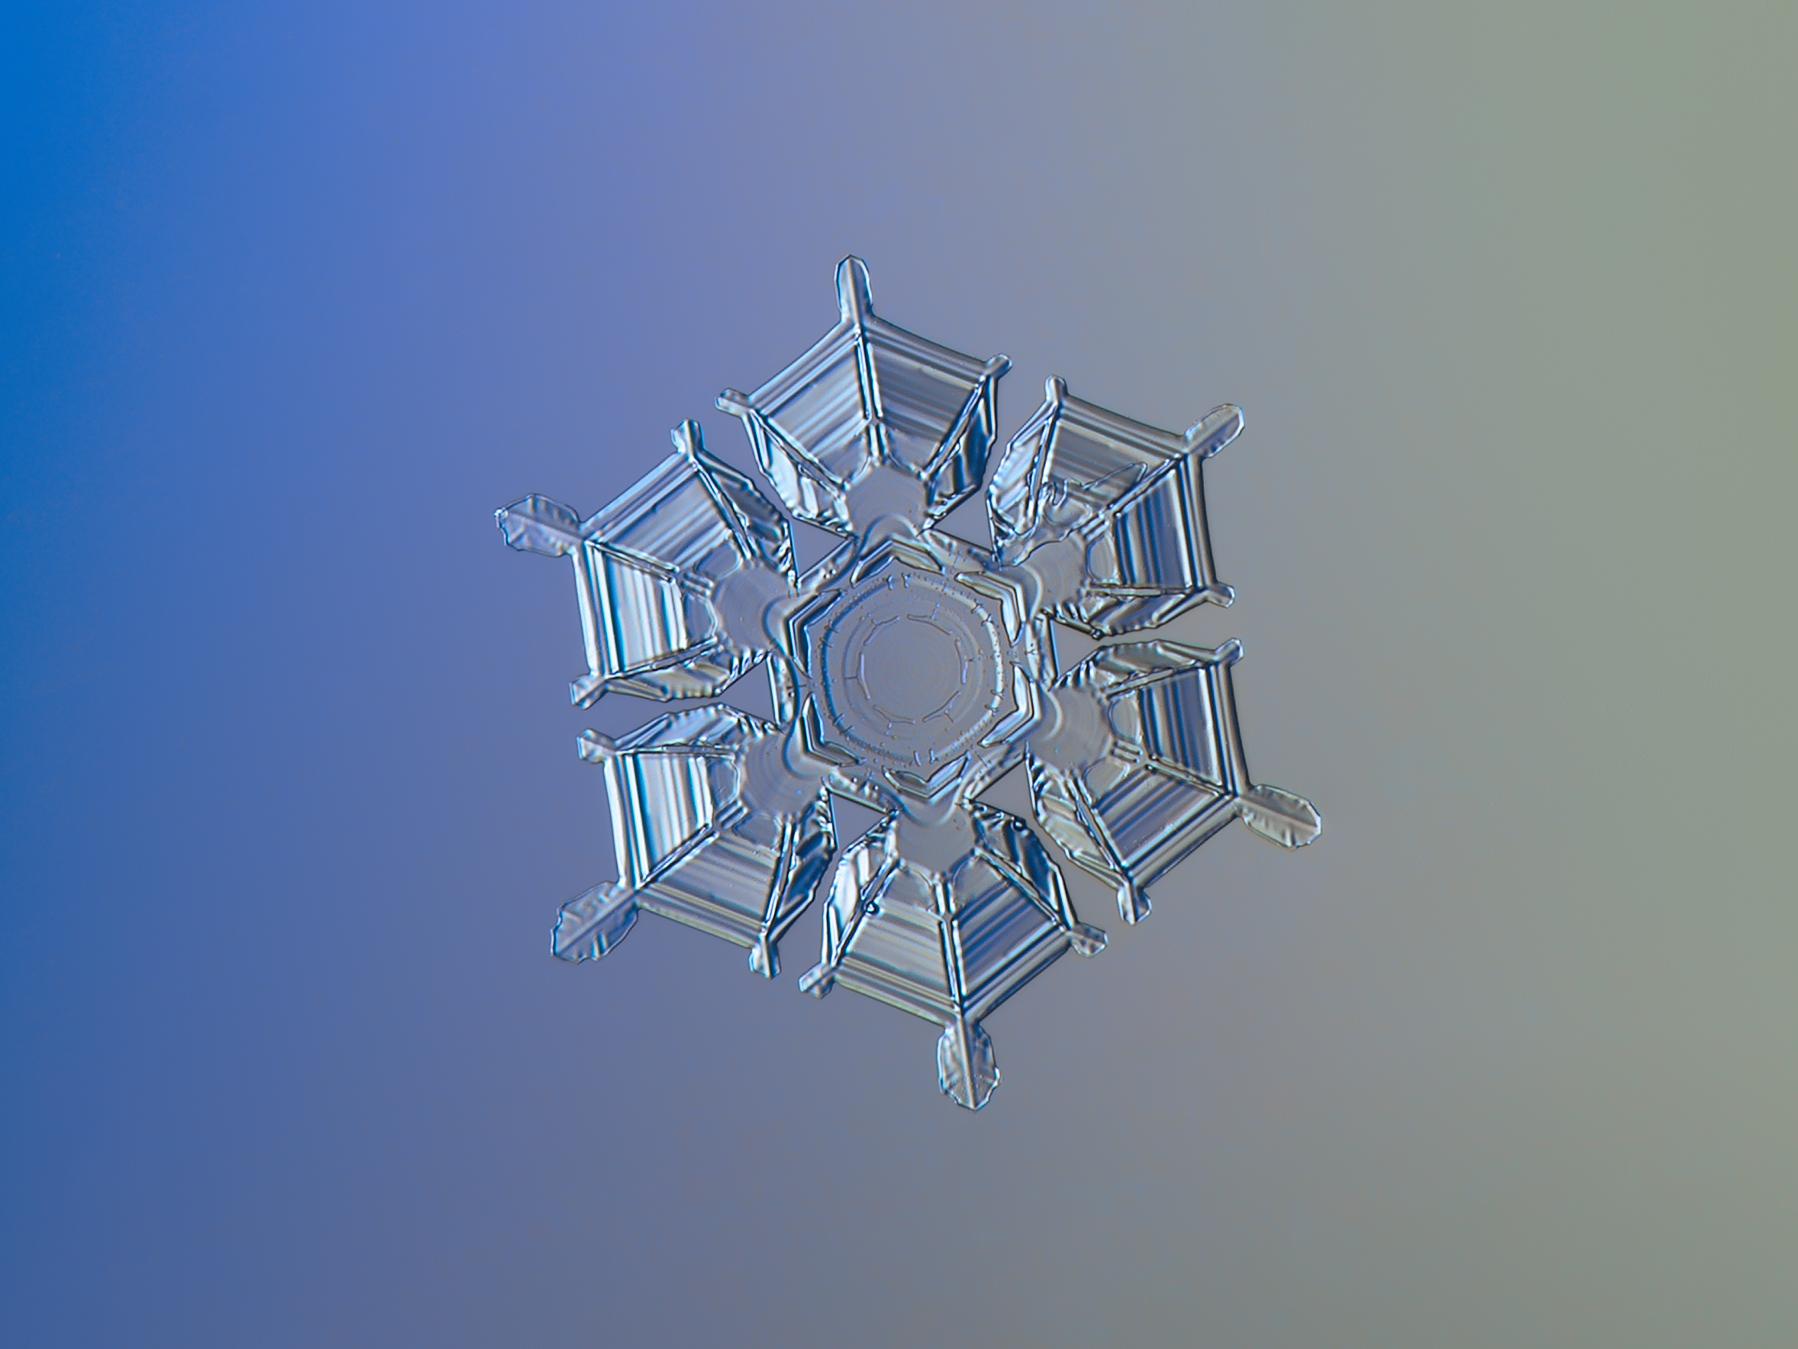 Un grano de nieve - 1798x1349